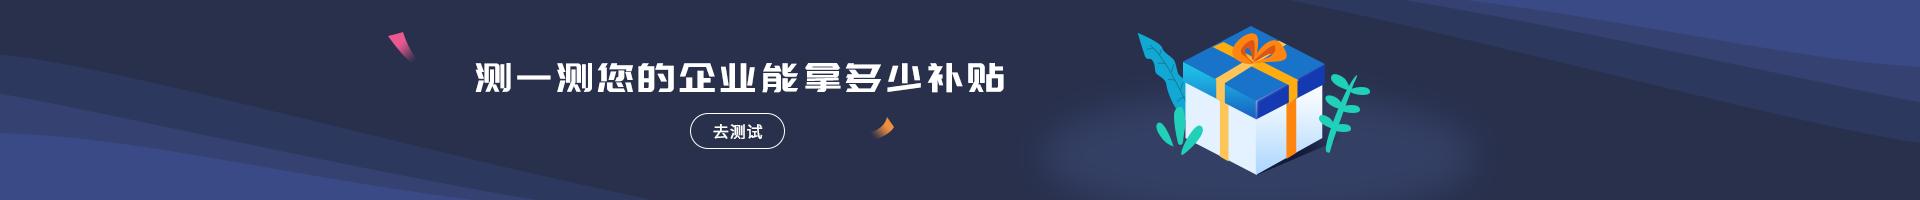 cuu科技服务底部广告